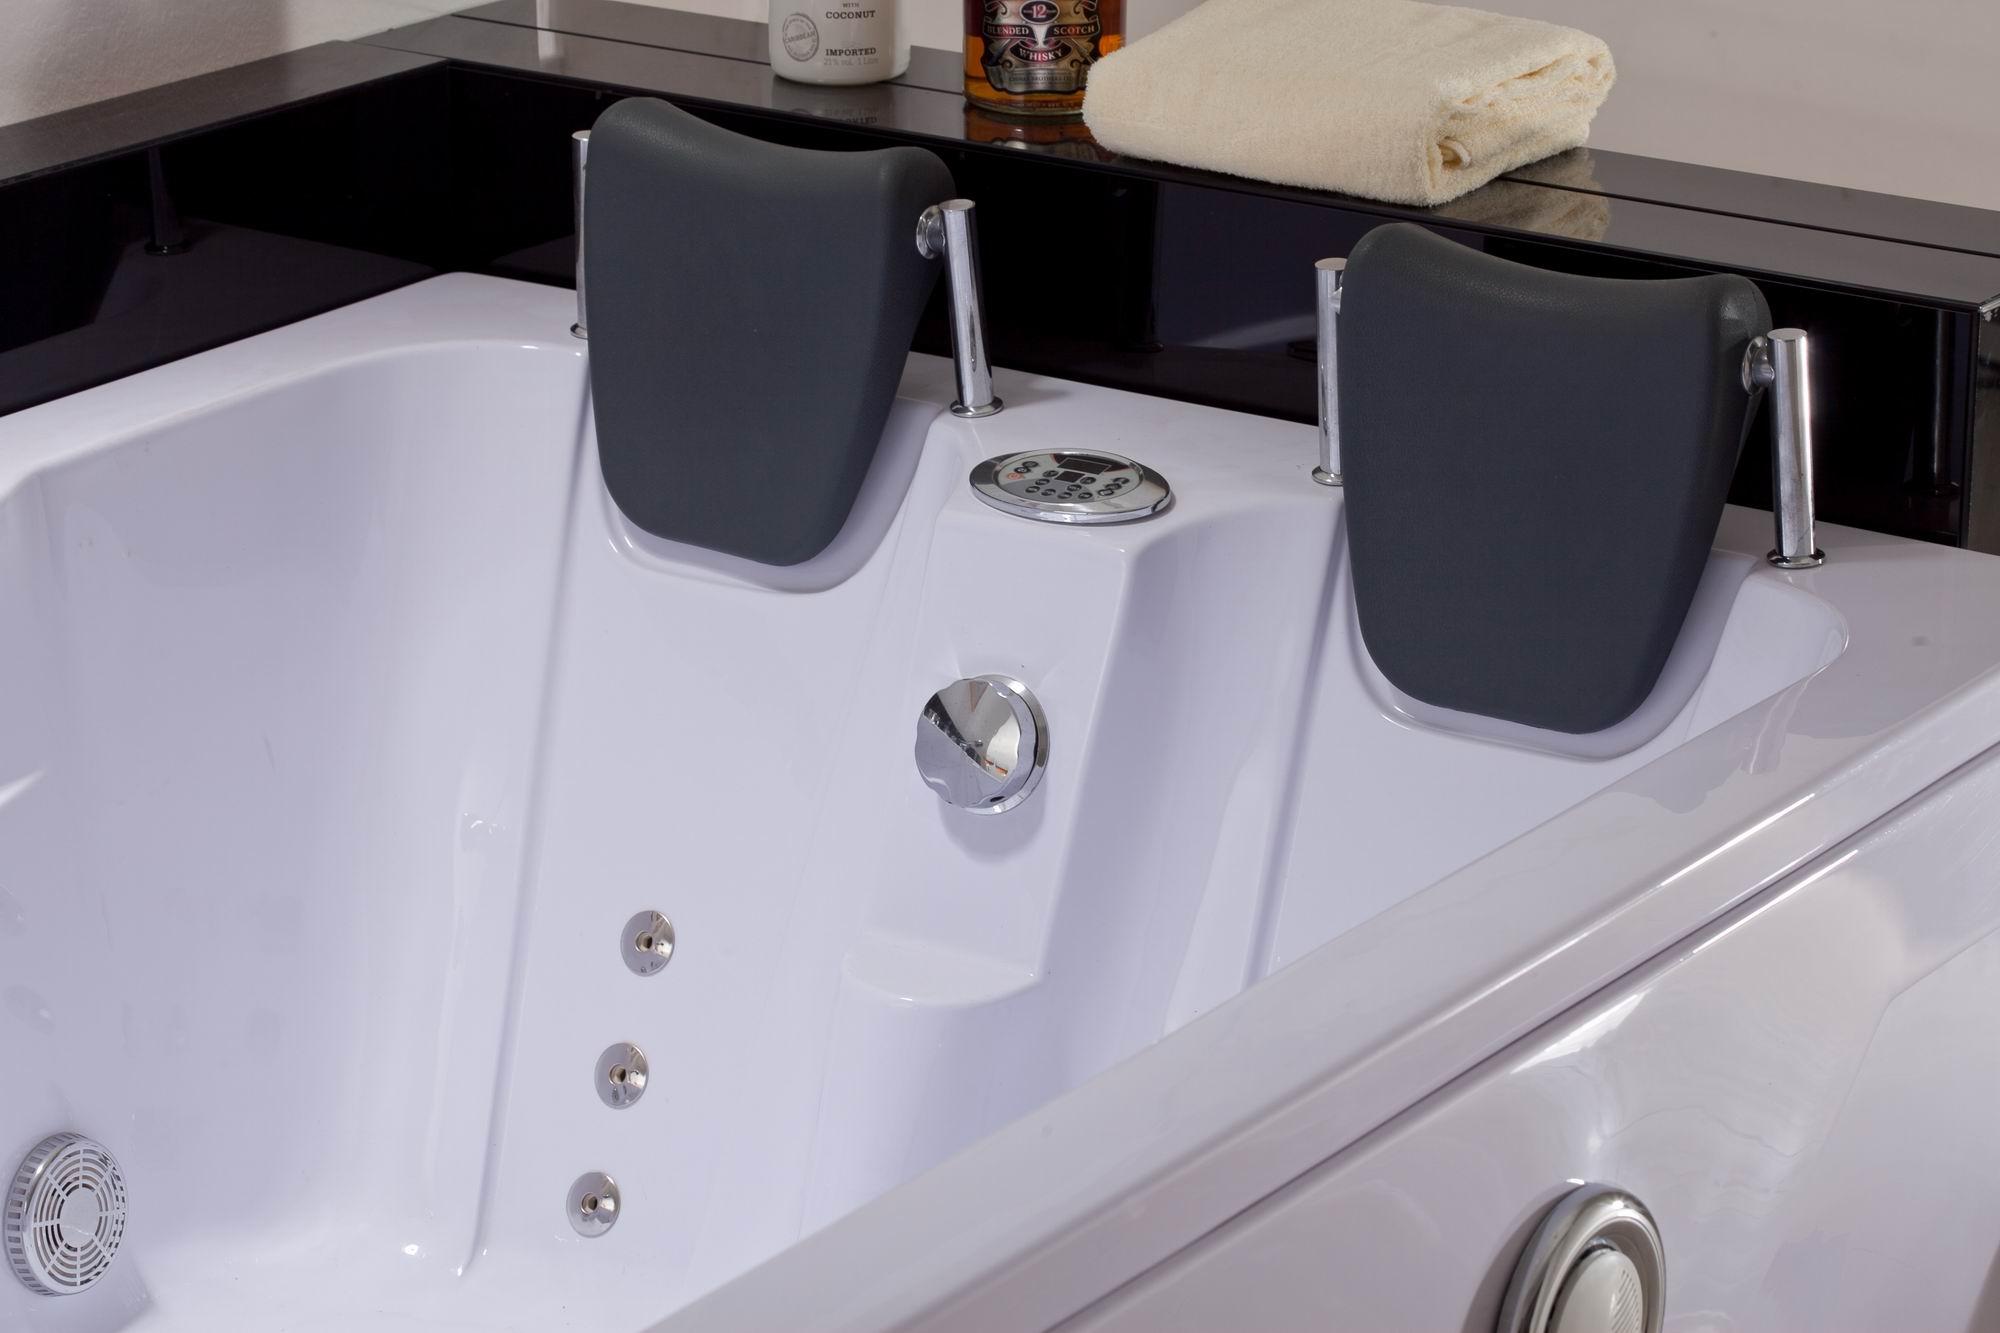 Vasca Da Bagno Dipingere : Colorare acqua vasca da bagno: colorare acqua vasca da bagno bagno